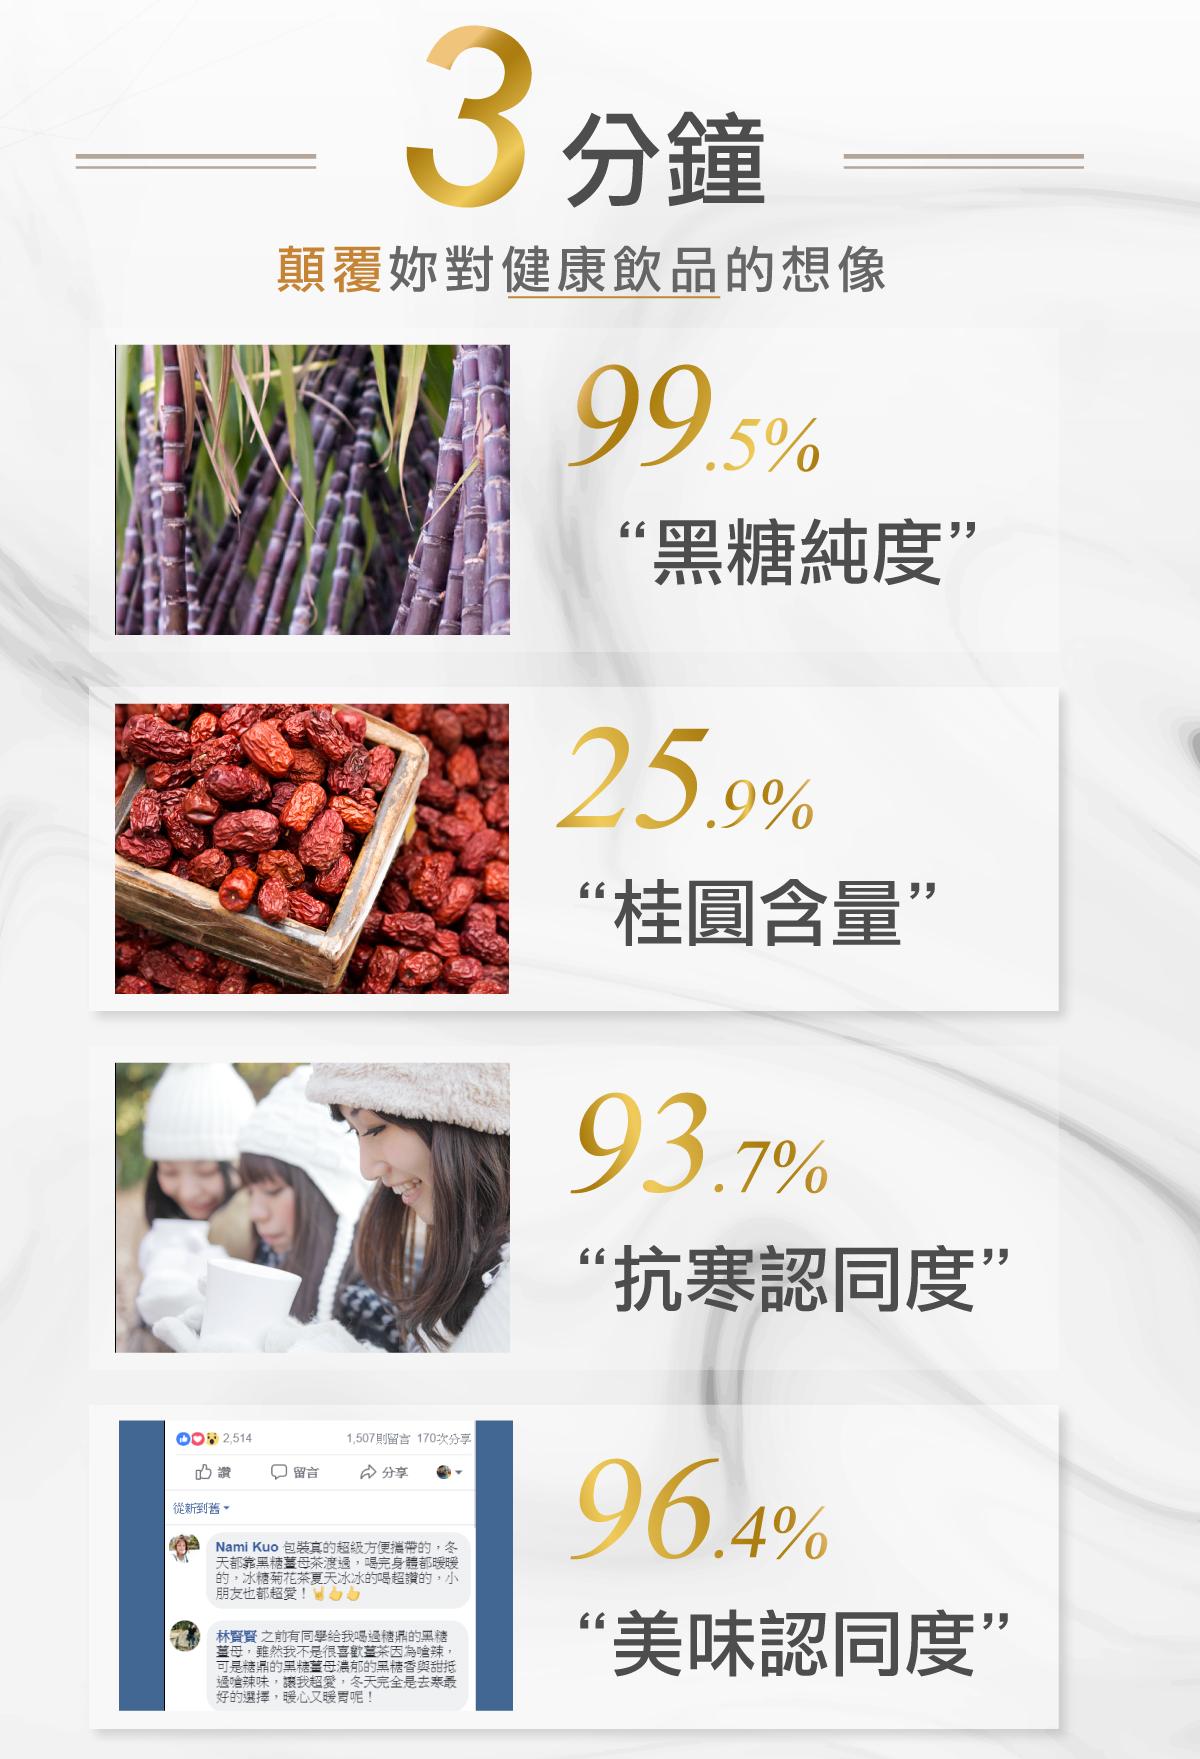 桂圓紅棗糖磚內容 1.黑糖純度-99.5% 2.桂圓含量-34.5% 3.紅棗含量-25.9% 3.抗寒認同度-83.7% 4.美味認同度-96.4%